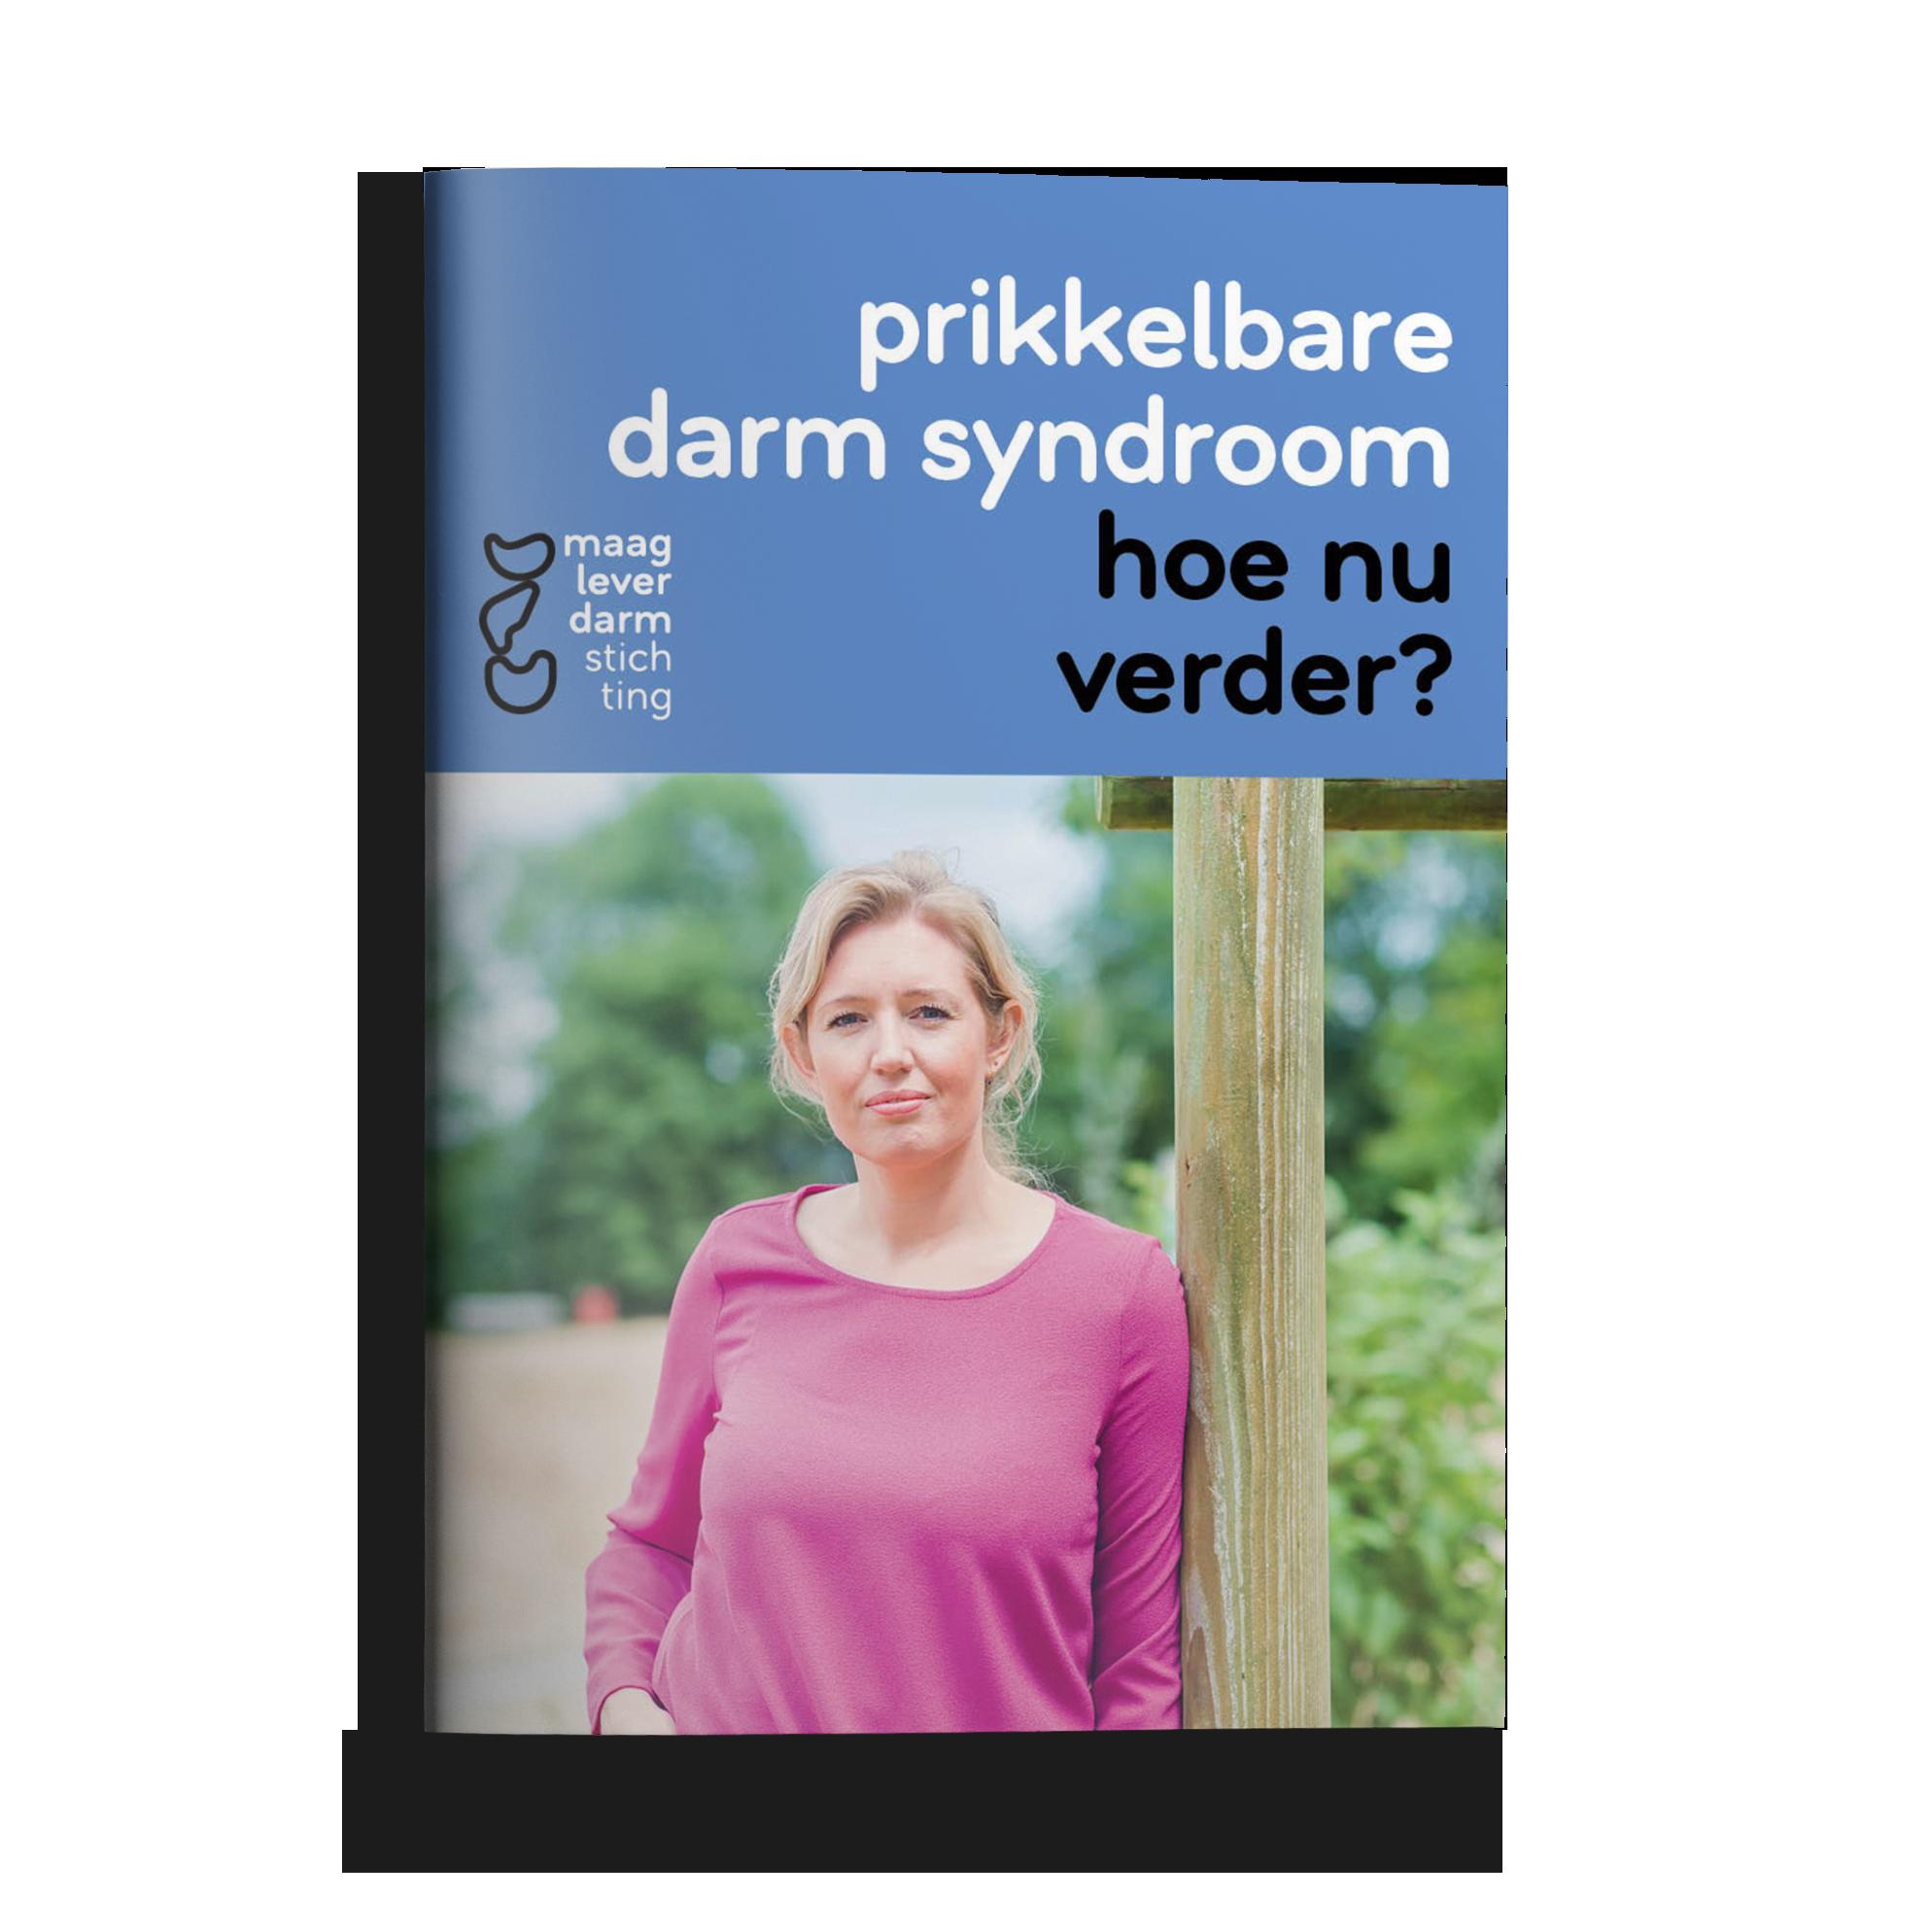 https://www.mlds.nl/content/uploads/MLDS_Brochure_PDS_Online_Mockup.png